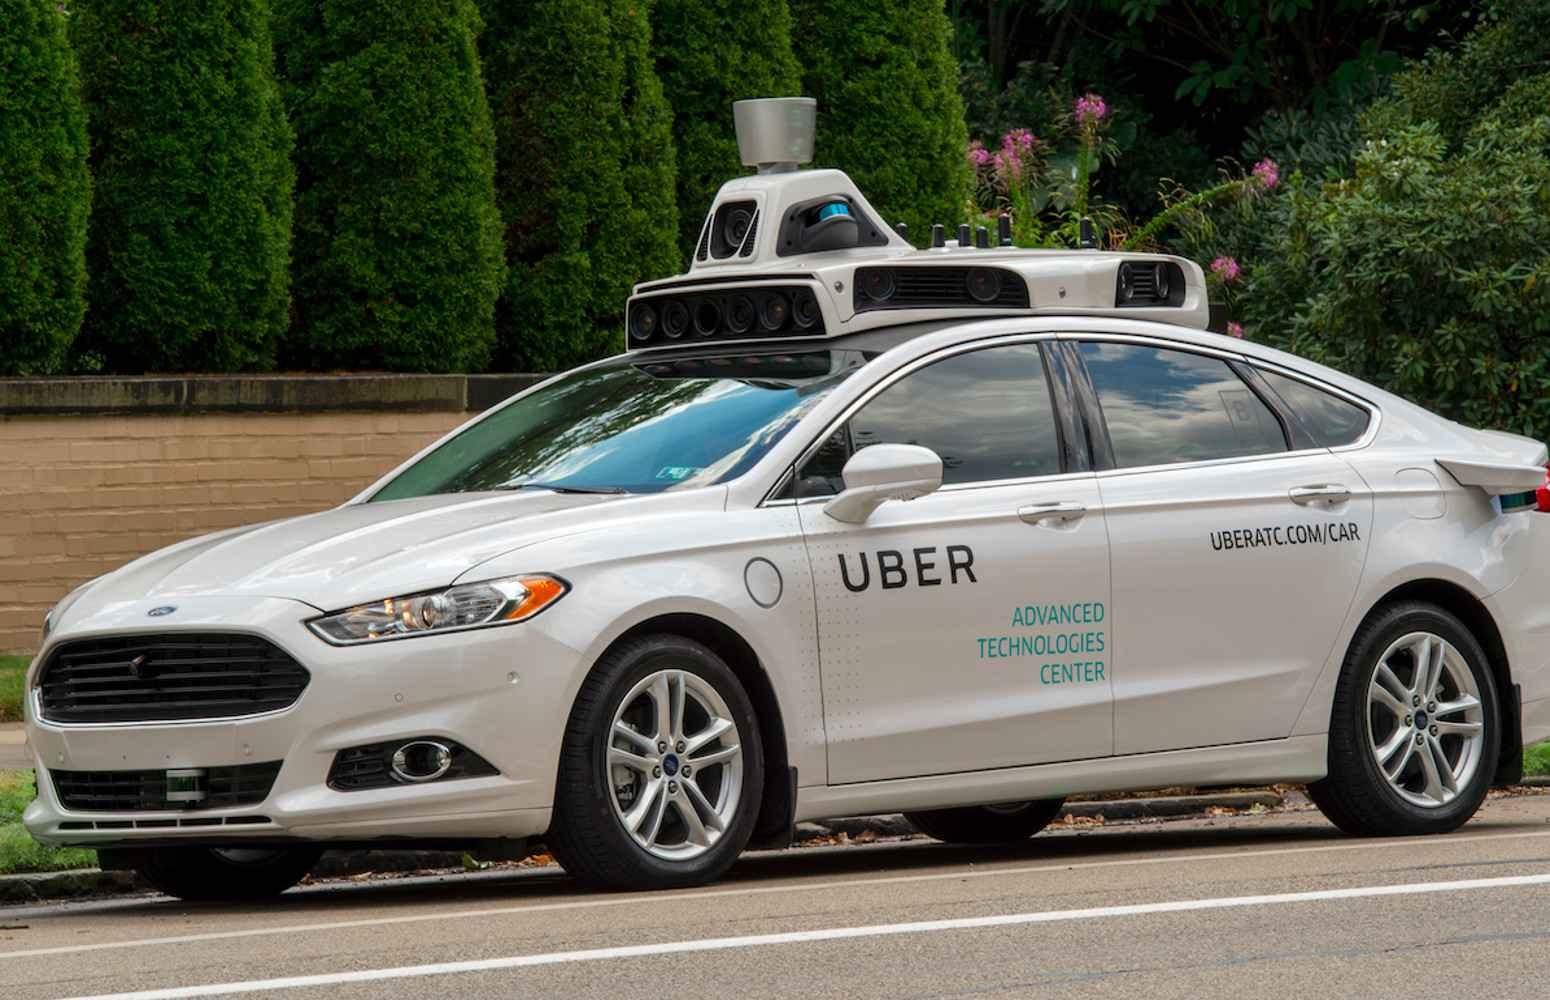 avec ses taxis autonomes uber fonce toute vitesse pour remplacer l 39 humain. Black Bedroom Furniture Sets. Home Design Ideas